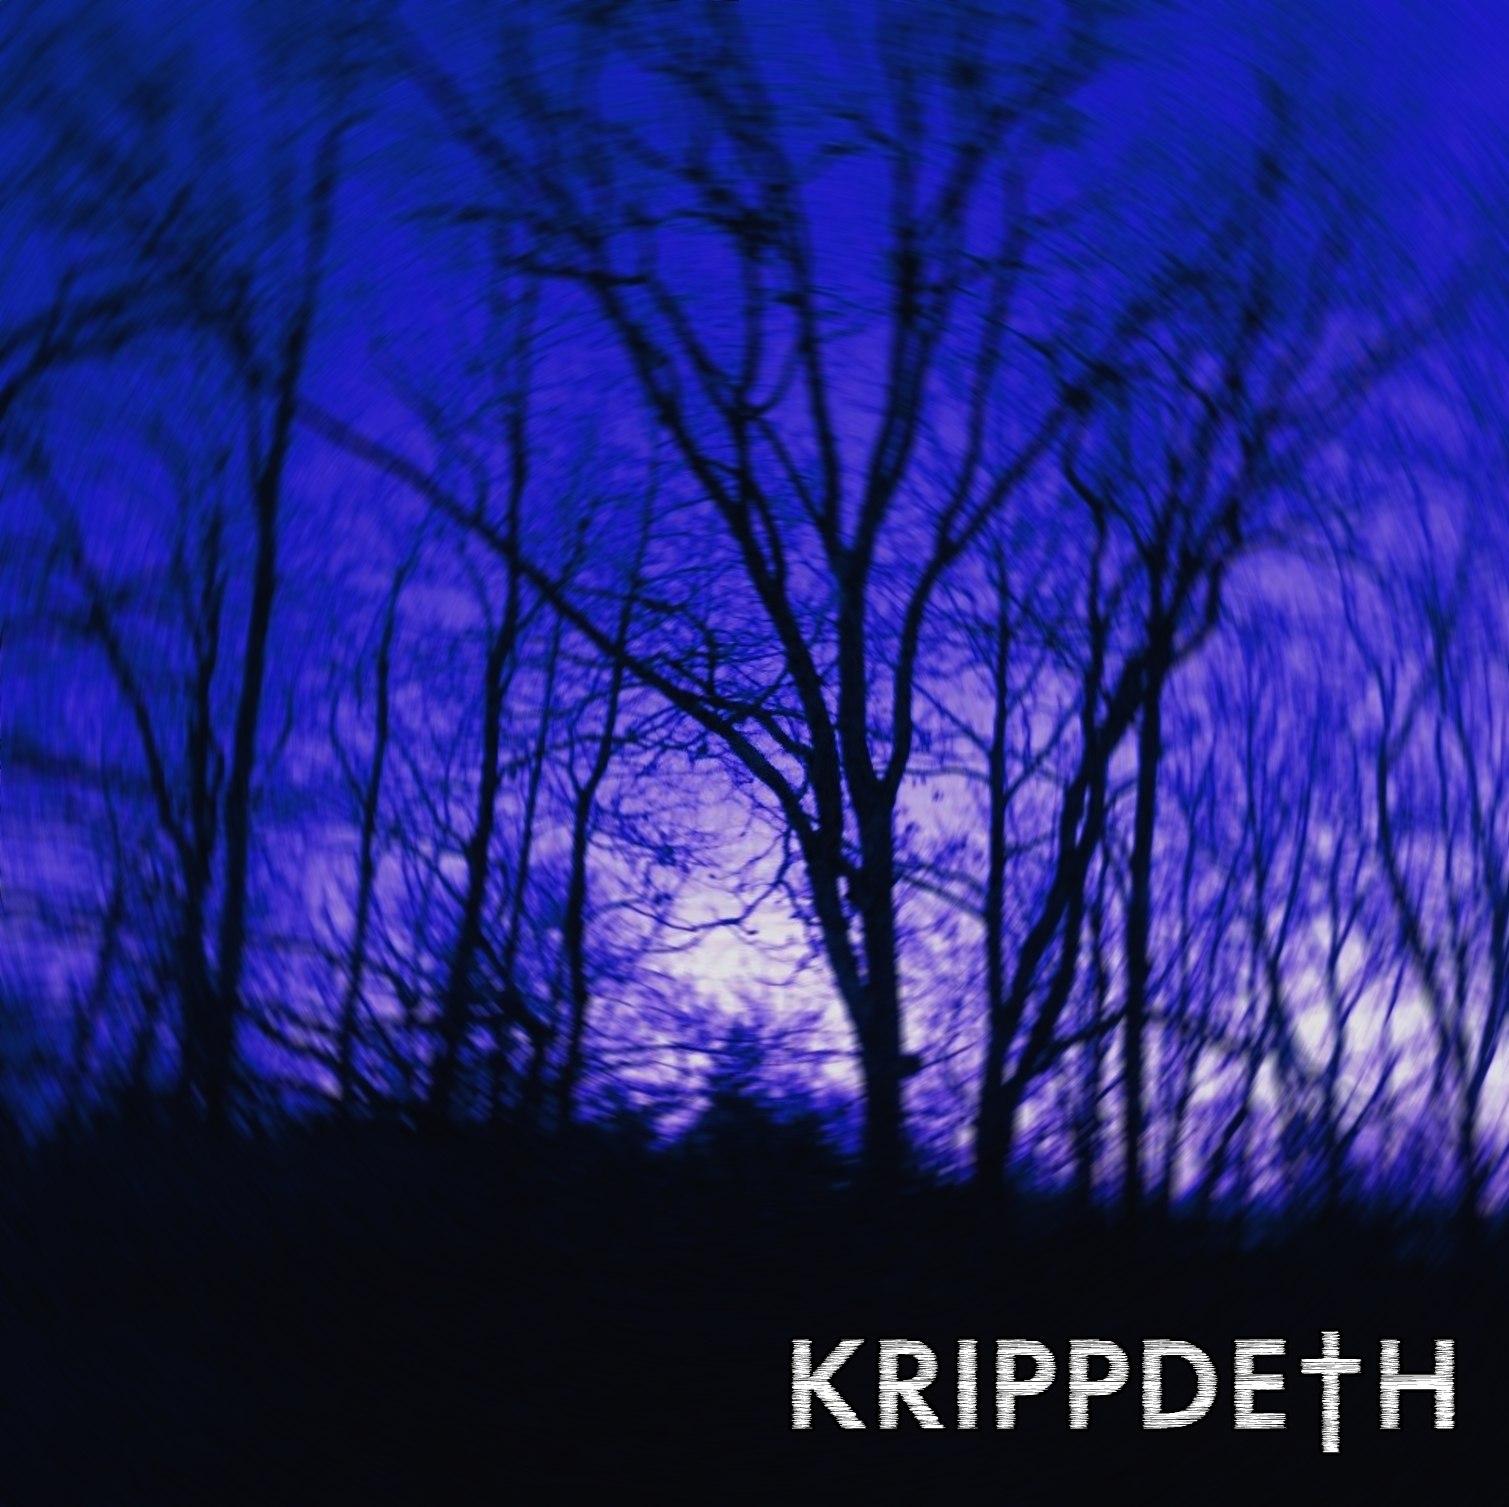 KRIPPDETH - PØRTAL (2016)